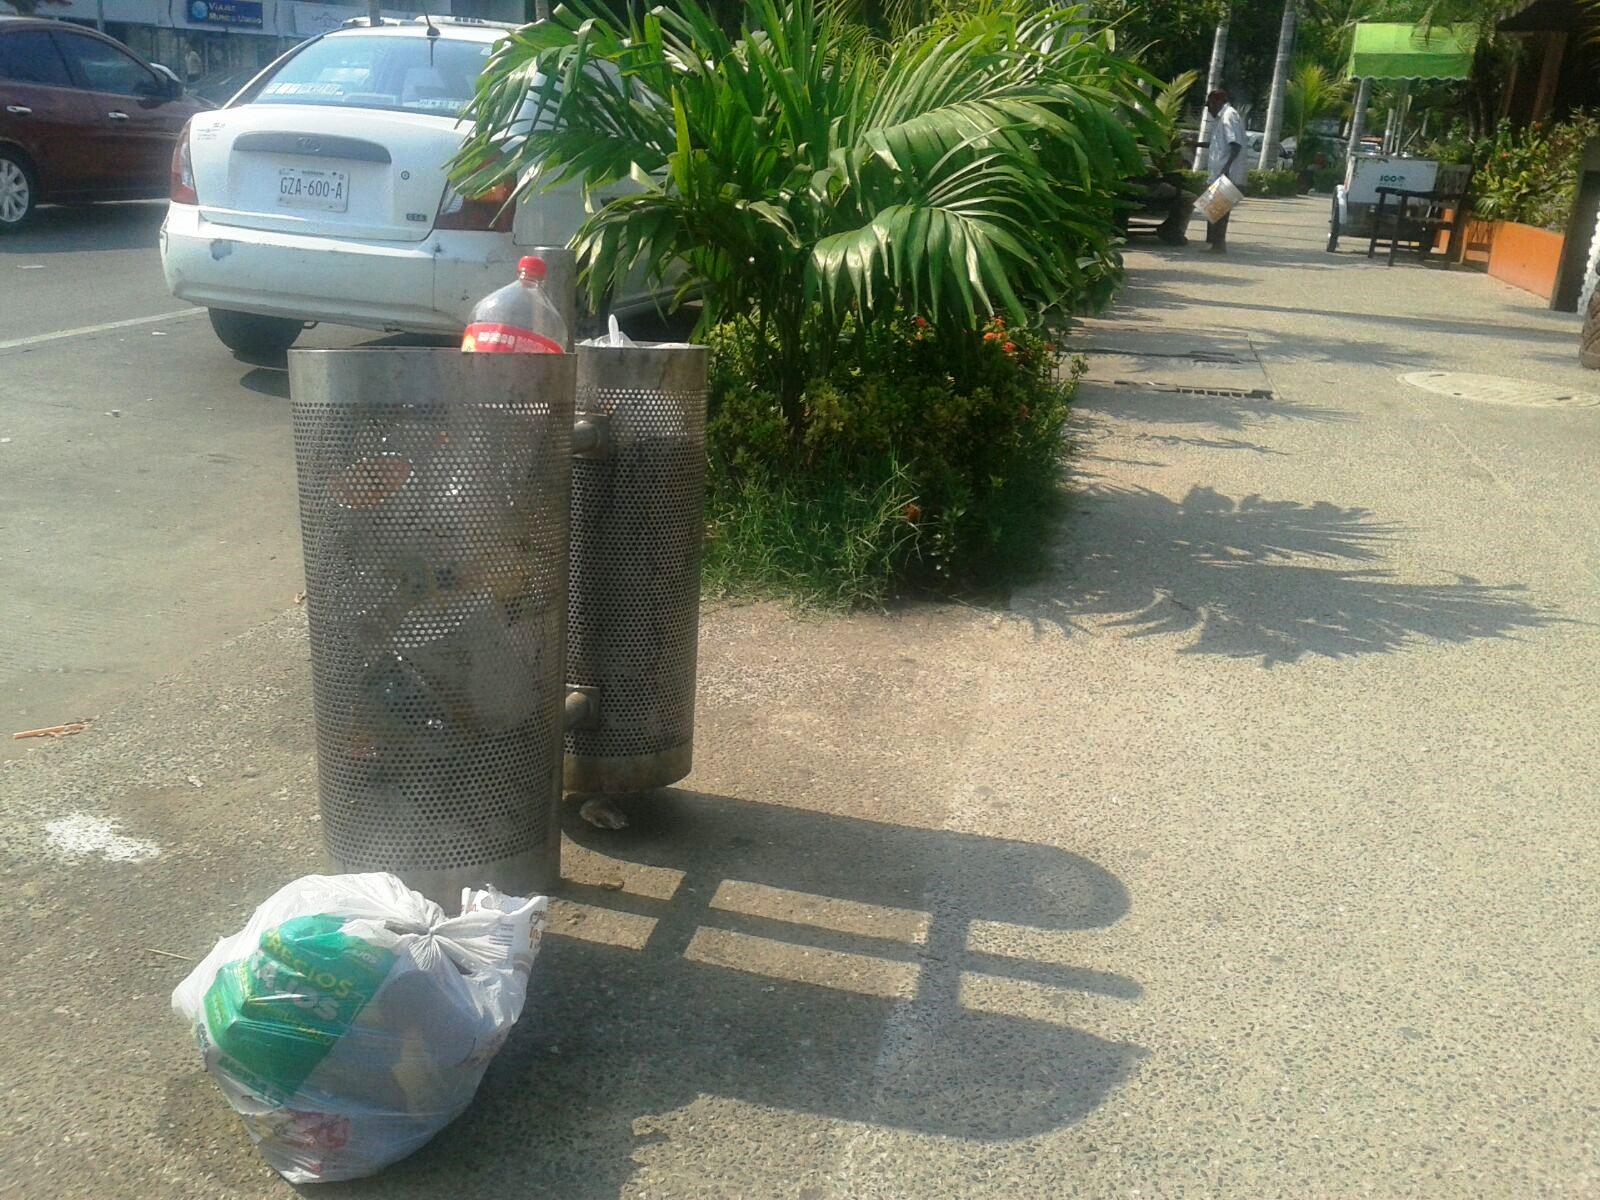 papelera2 - Ni Zonatur sabe cuántos botes de basura le han robado